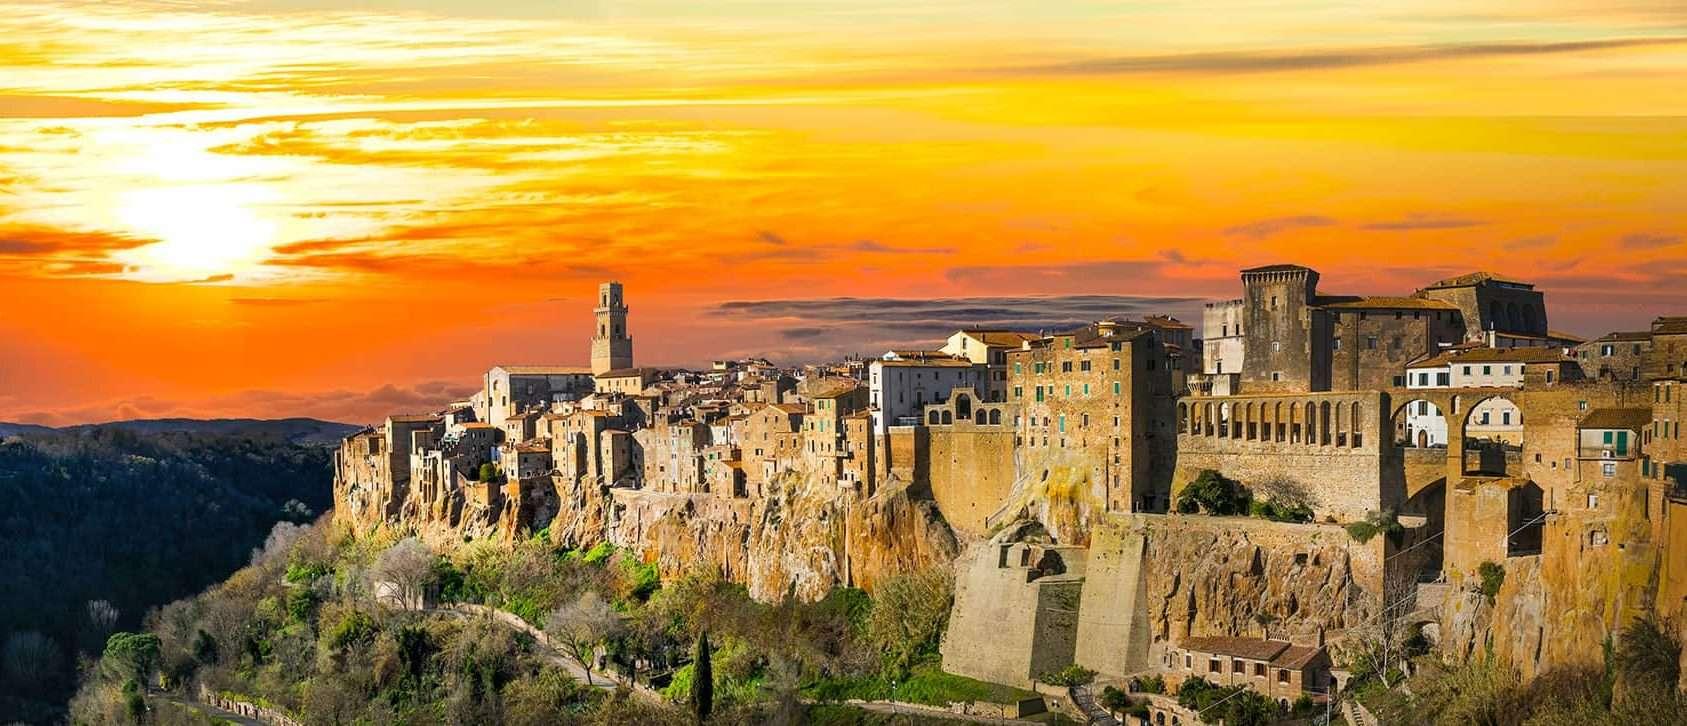 Pitigliano - © Vaghis - viaggi & turismo Italia Tutti i diritti riservati